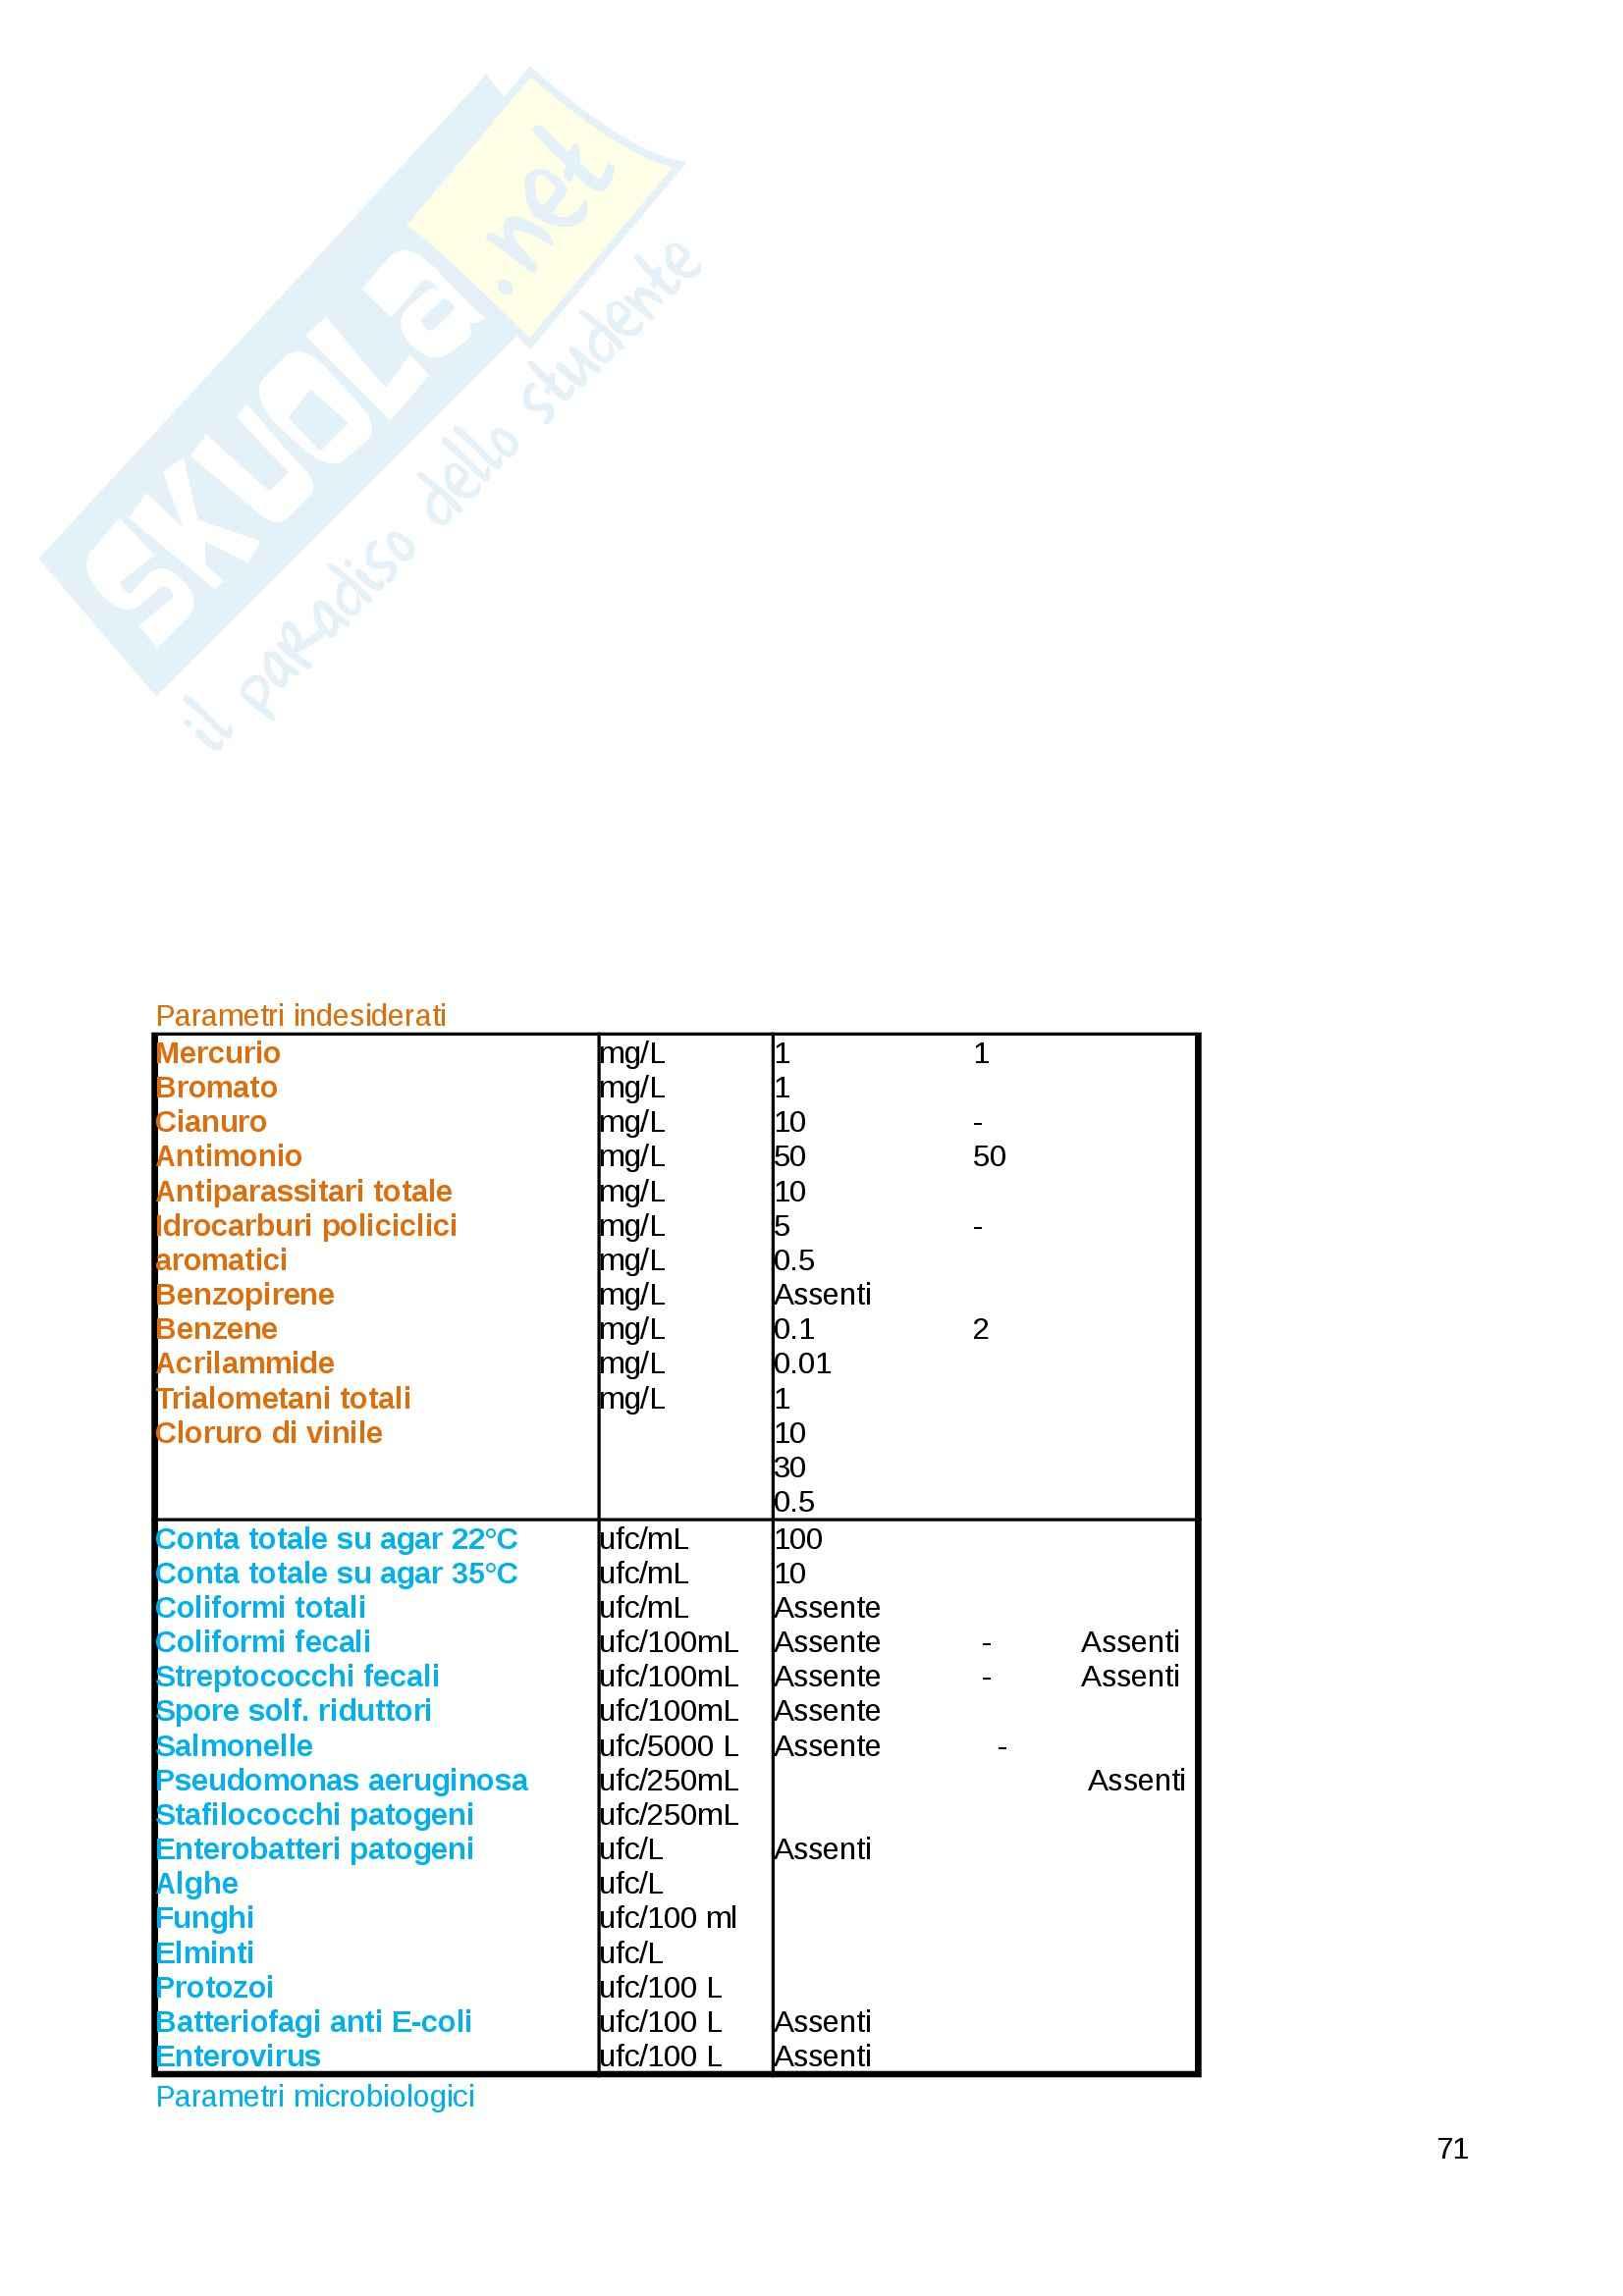 Riassunto esame Analisi chimiche degli alimenti, prof. Cosio Pag. 71